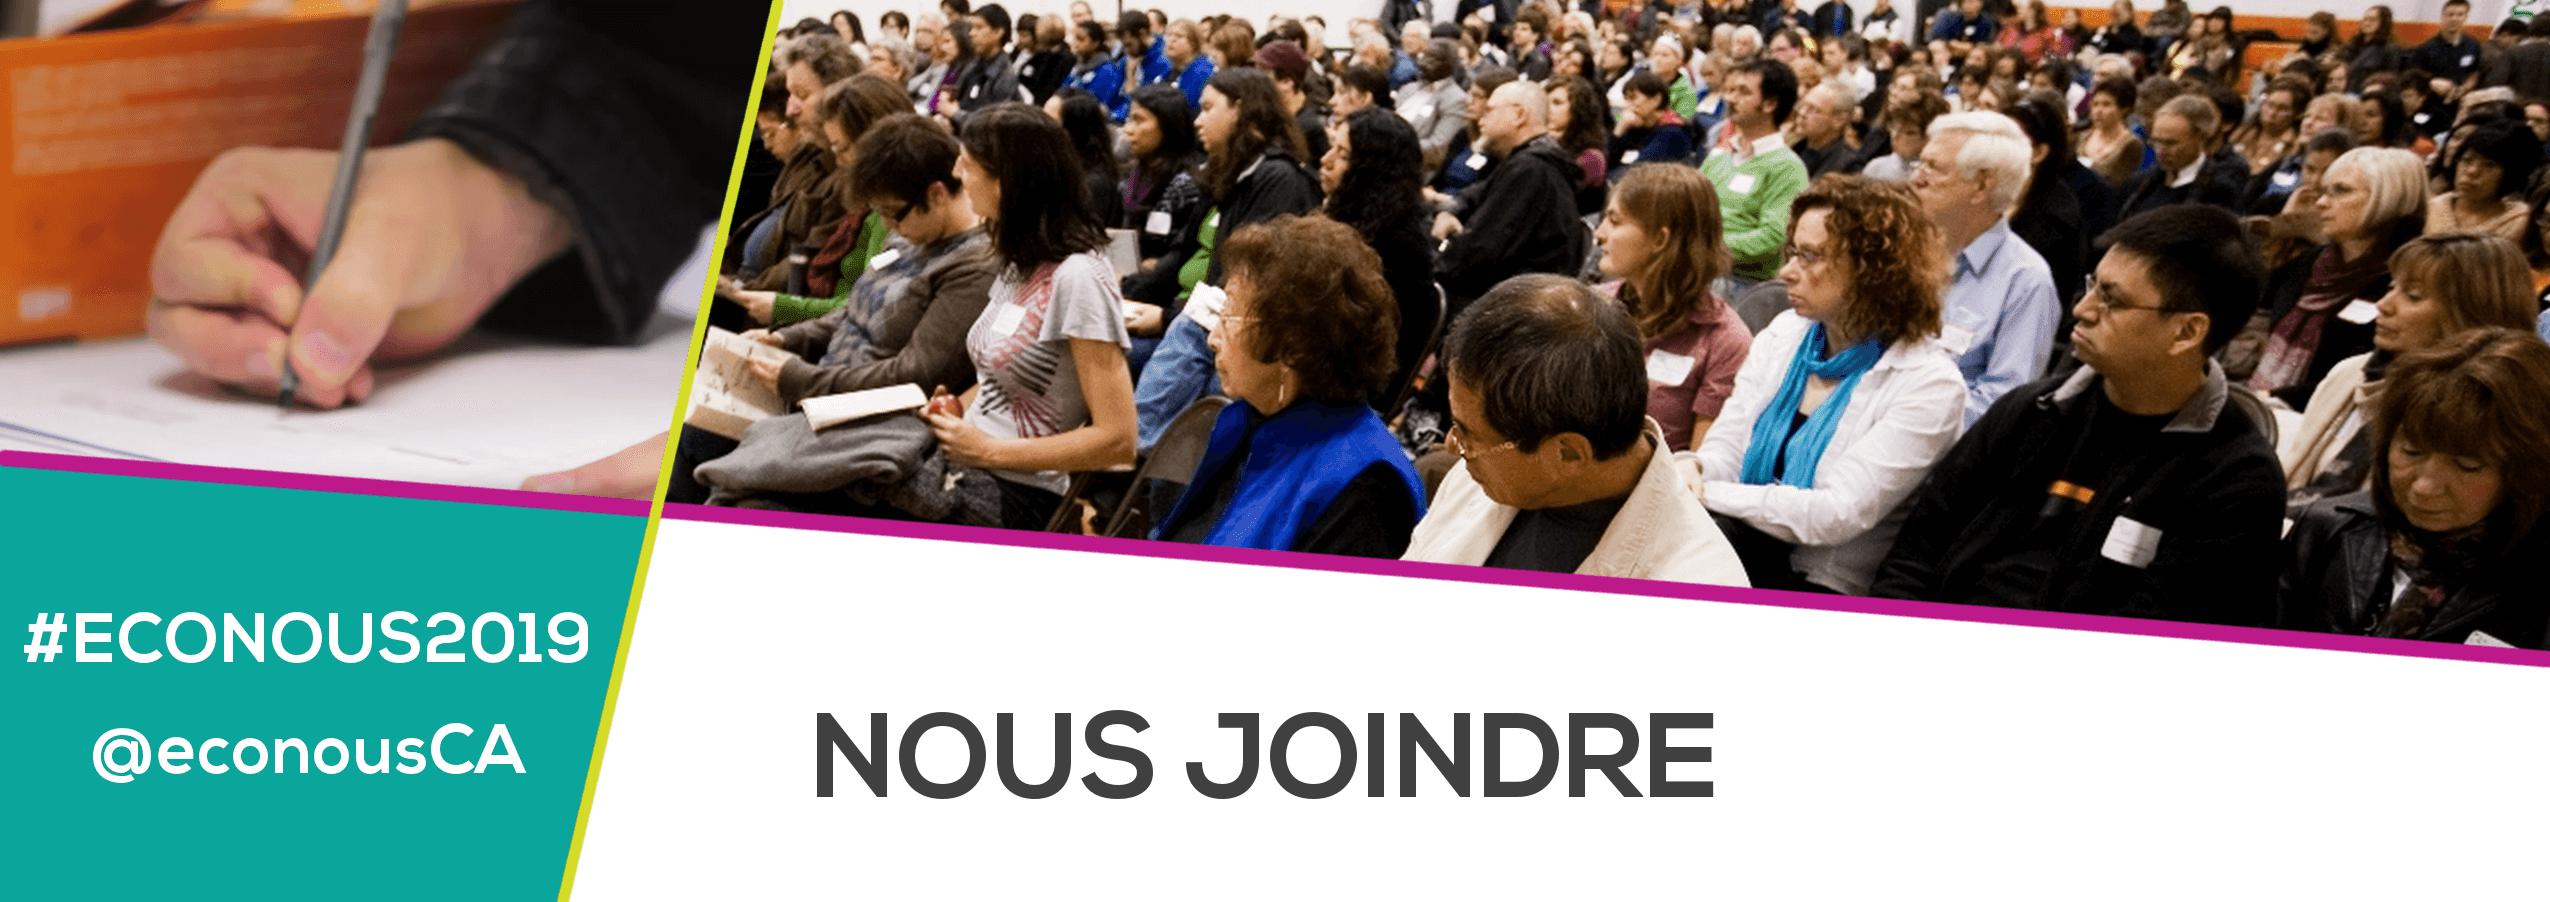 EconoUs2017: Nous joindre